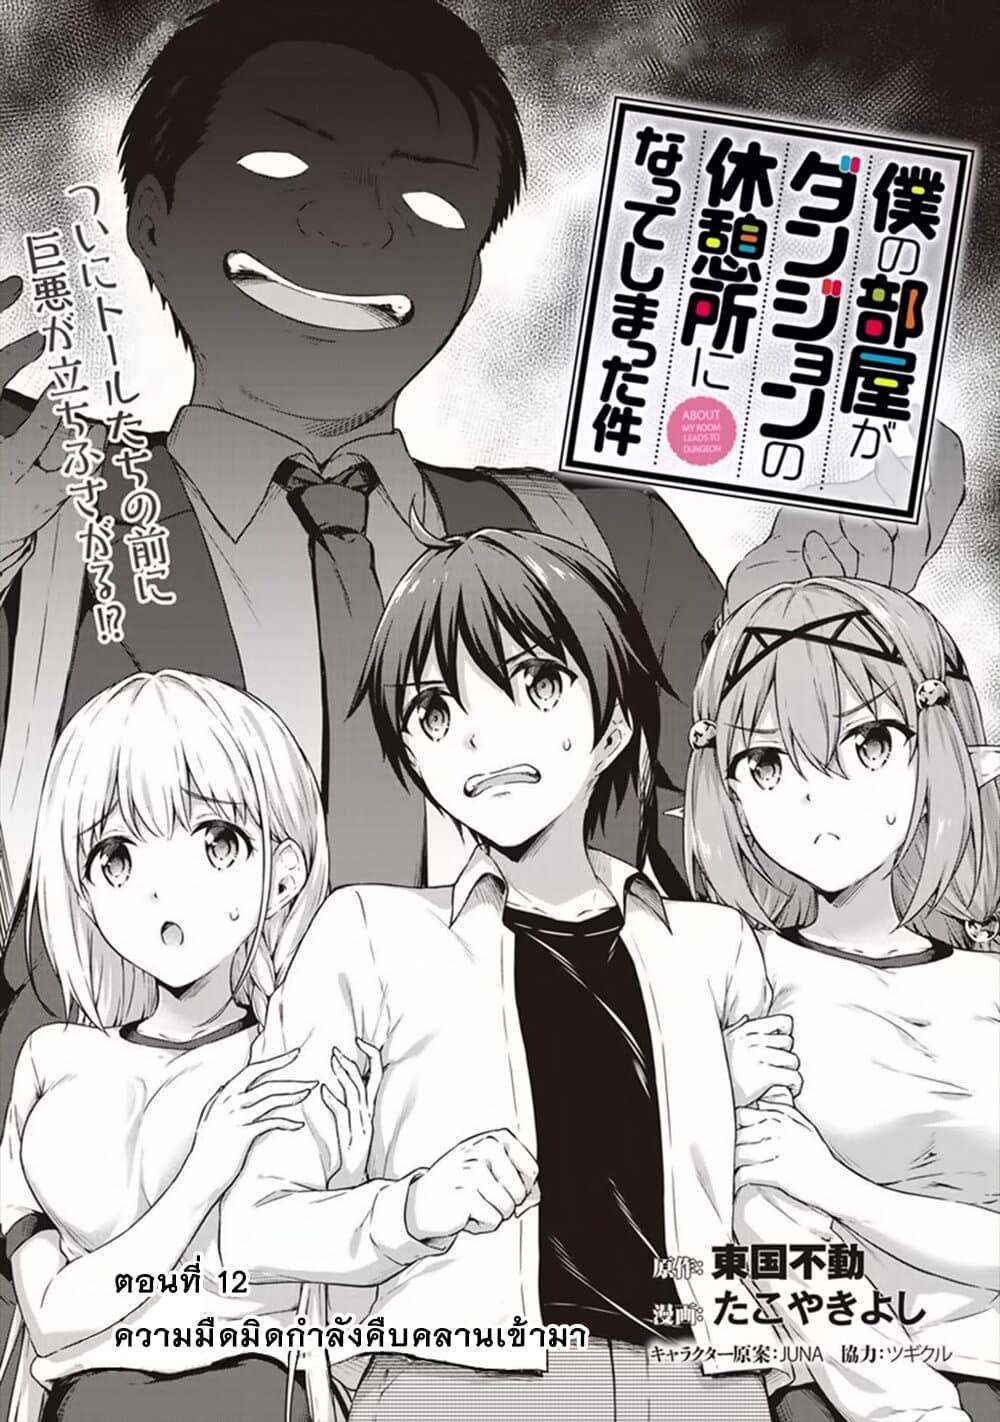 อ่านการ์ตูน Boku No Heya Ga Danjon no Kyoukeisho Ni Natte Shimatta Kudan ตอนที่ 12 หน้าที่ 1